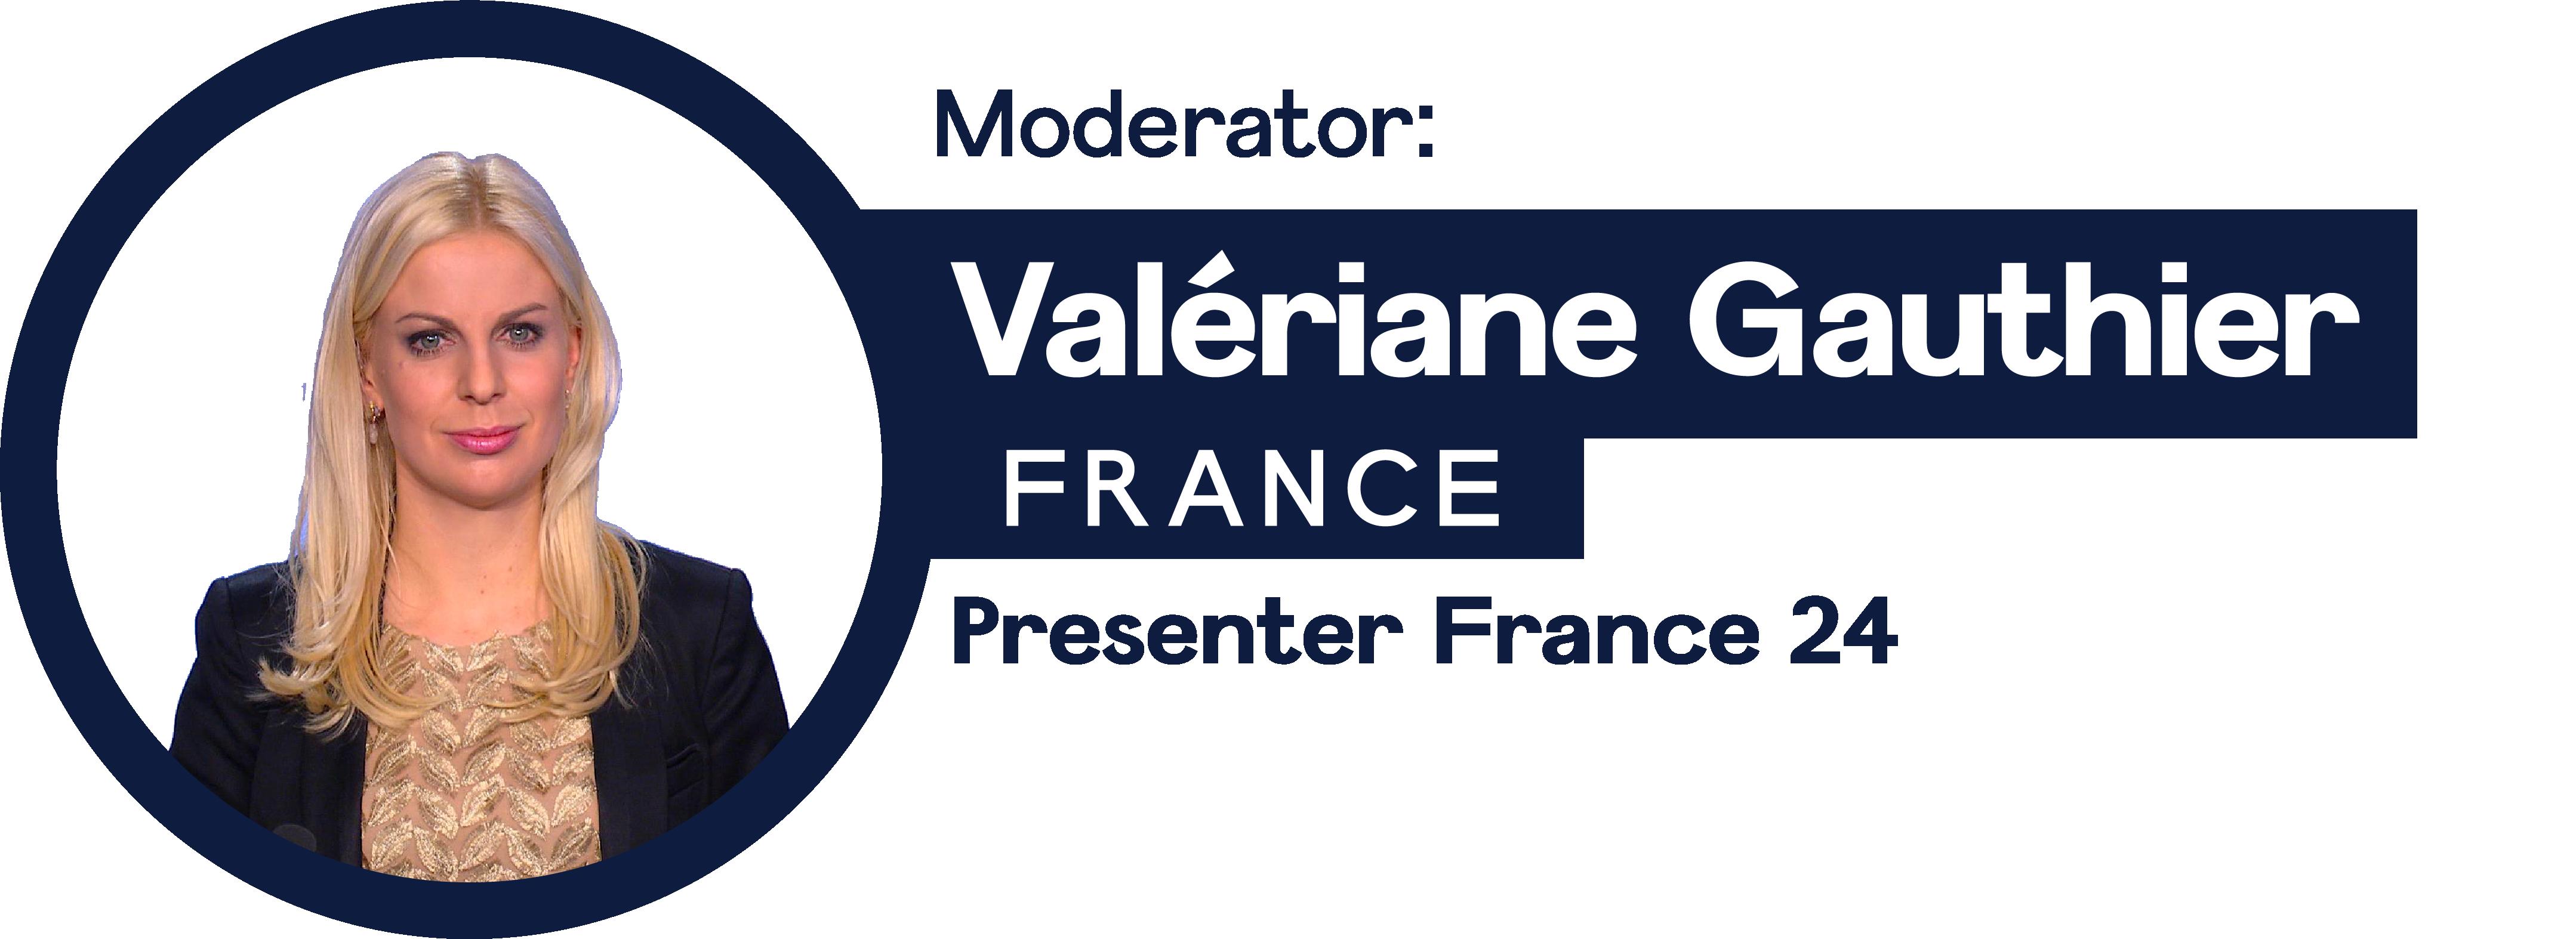 Valériane Gauthier